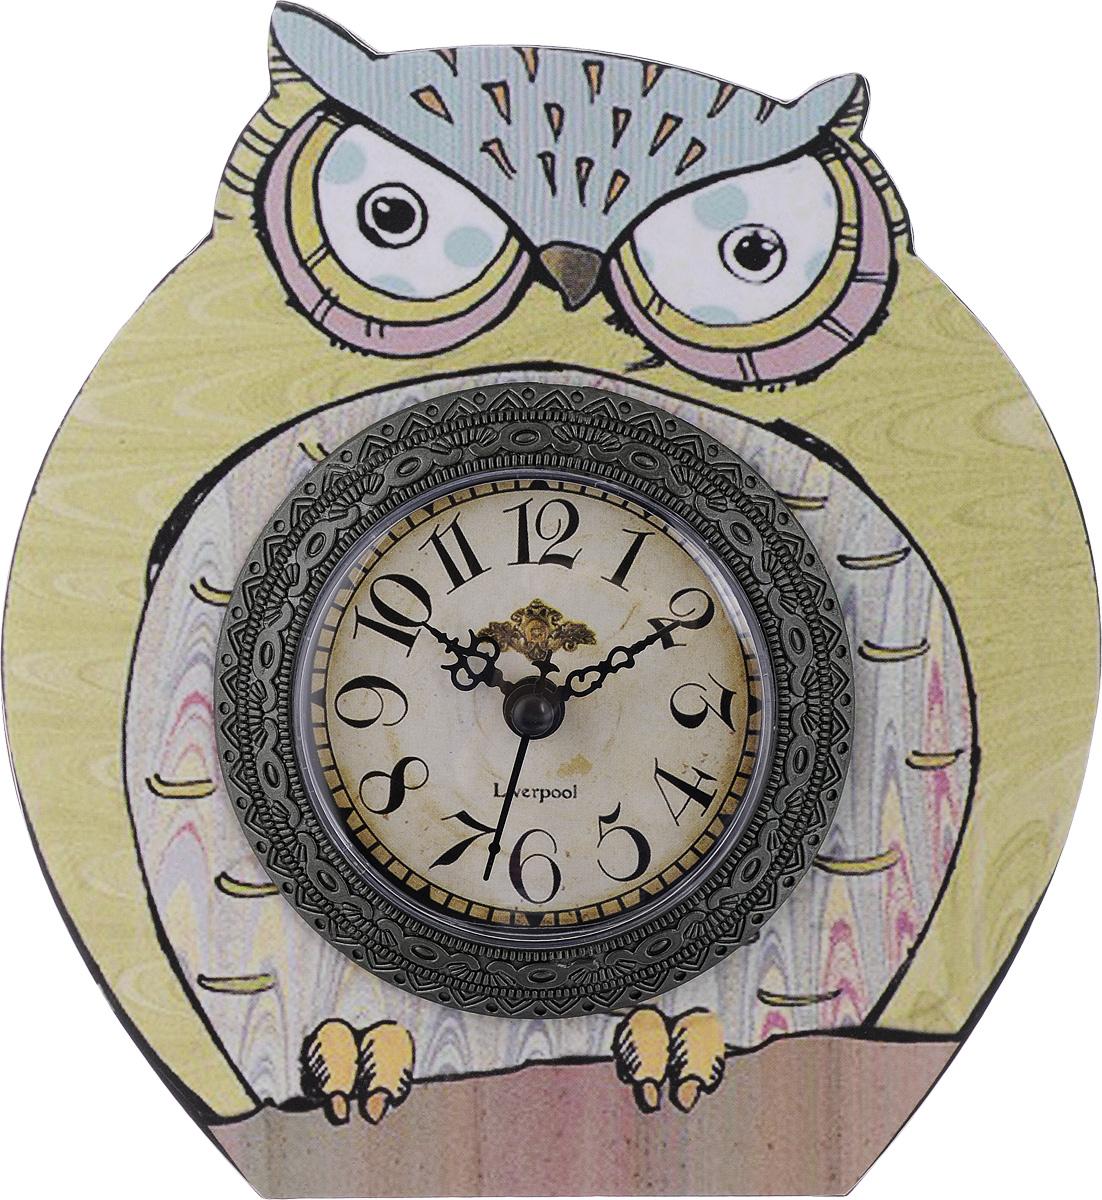 Часы настольные Феникс-Презент Мудрый филин, 17 х 16 см40736Настольные часы Феникс-Презент Мудрый филин своим эксклюзивным дизайном подчеркнут оригинальность интерьера вашего дома. Часы выполнены из МДФ в виде филина. МДФ (мелкодисперсные фракции) представляет собой плиту из запрессованной вакуумным способом деревянной пыли и является наиболее экологически чистым материалом среди себе подобных. Часы имеют три стрелки - секундную, часовую и минутную. Настольные часы Феникс-Презент Мудрый филин подходят для кухни, гостиной, прихожей или дачи, а также могут стать отличным подарком для друзей и близких. ВНИМАНИЕ!!! Часы работают от сменной батареи типа АА 1,5V (в комплект не входит).